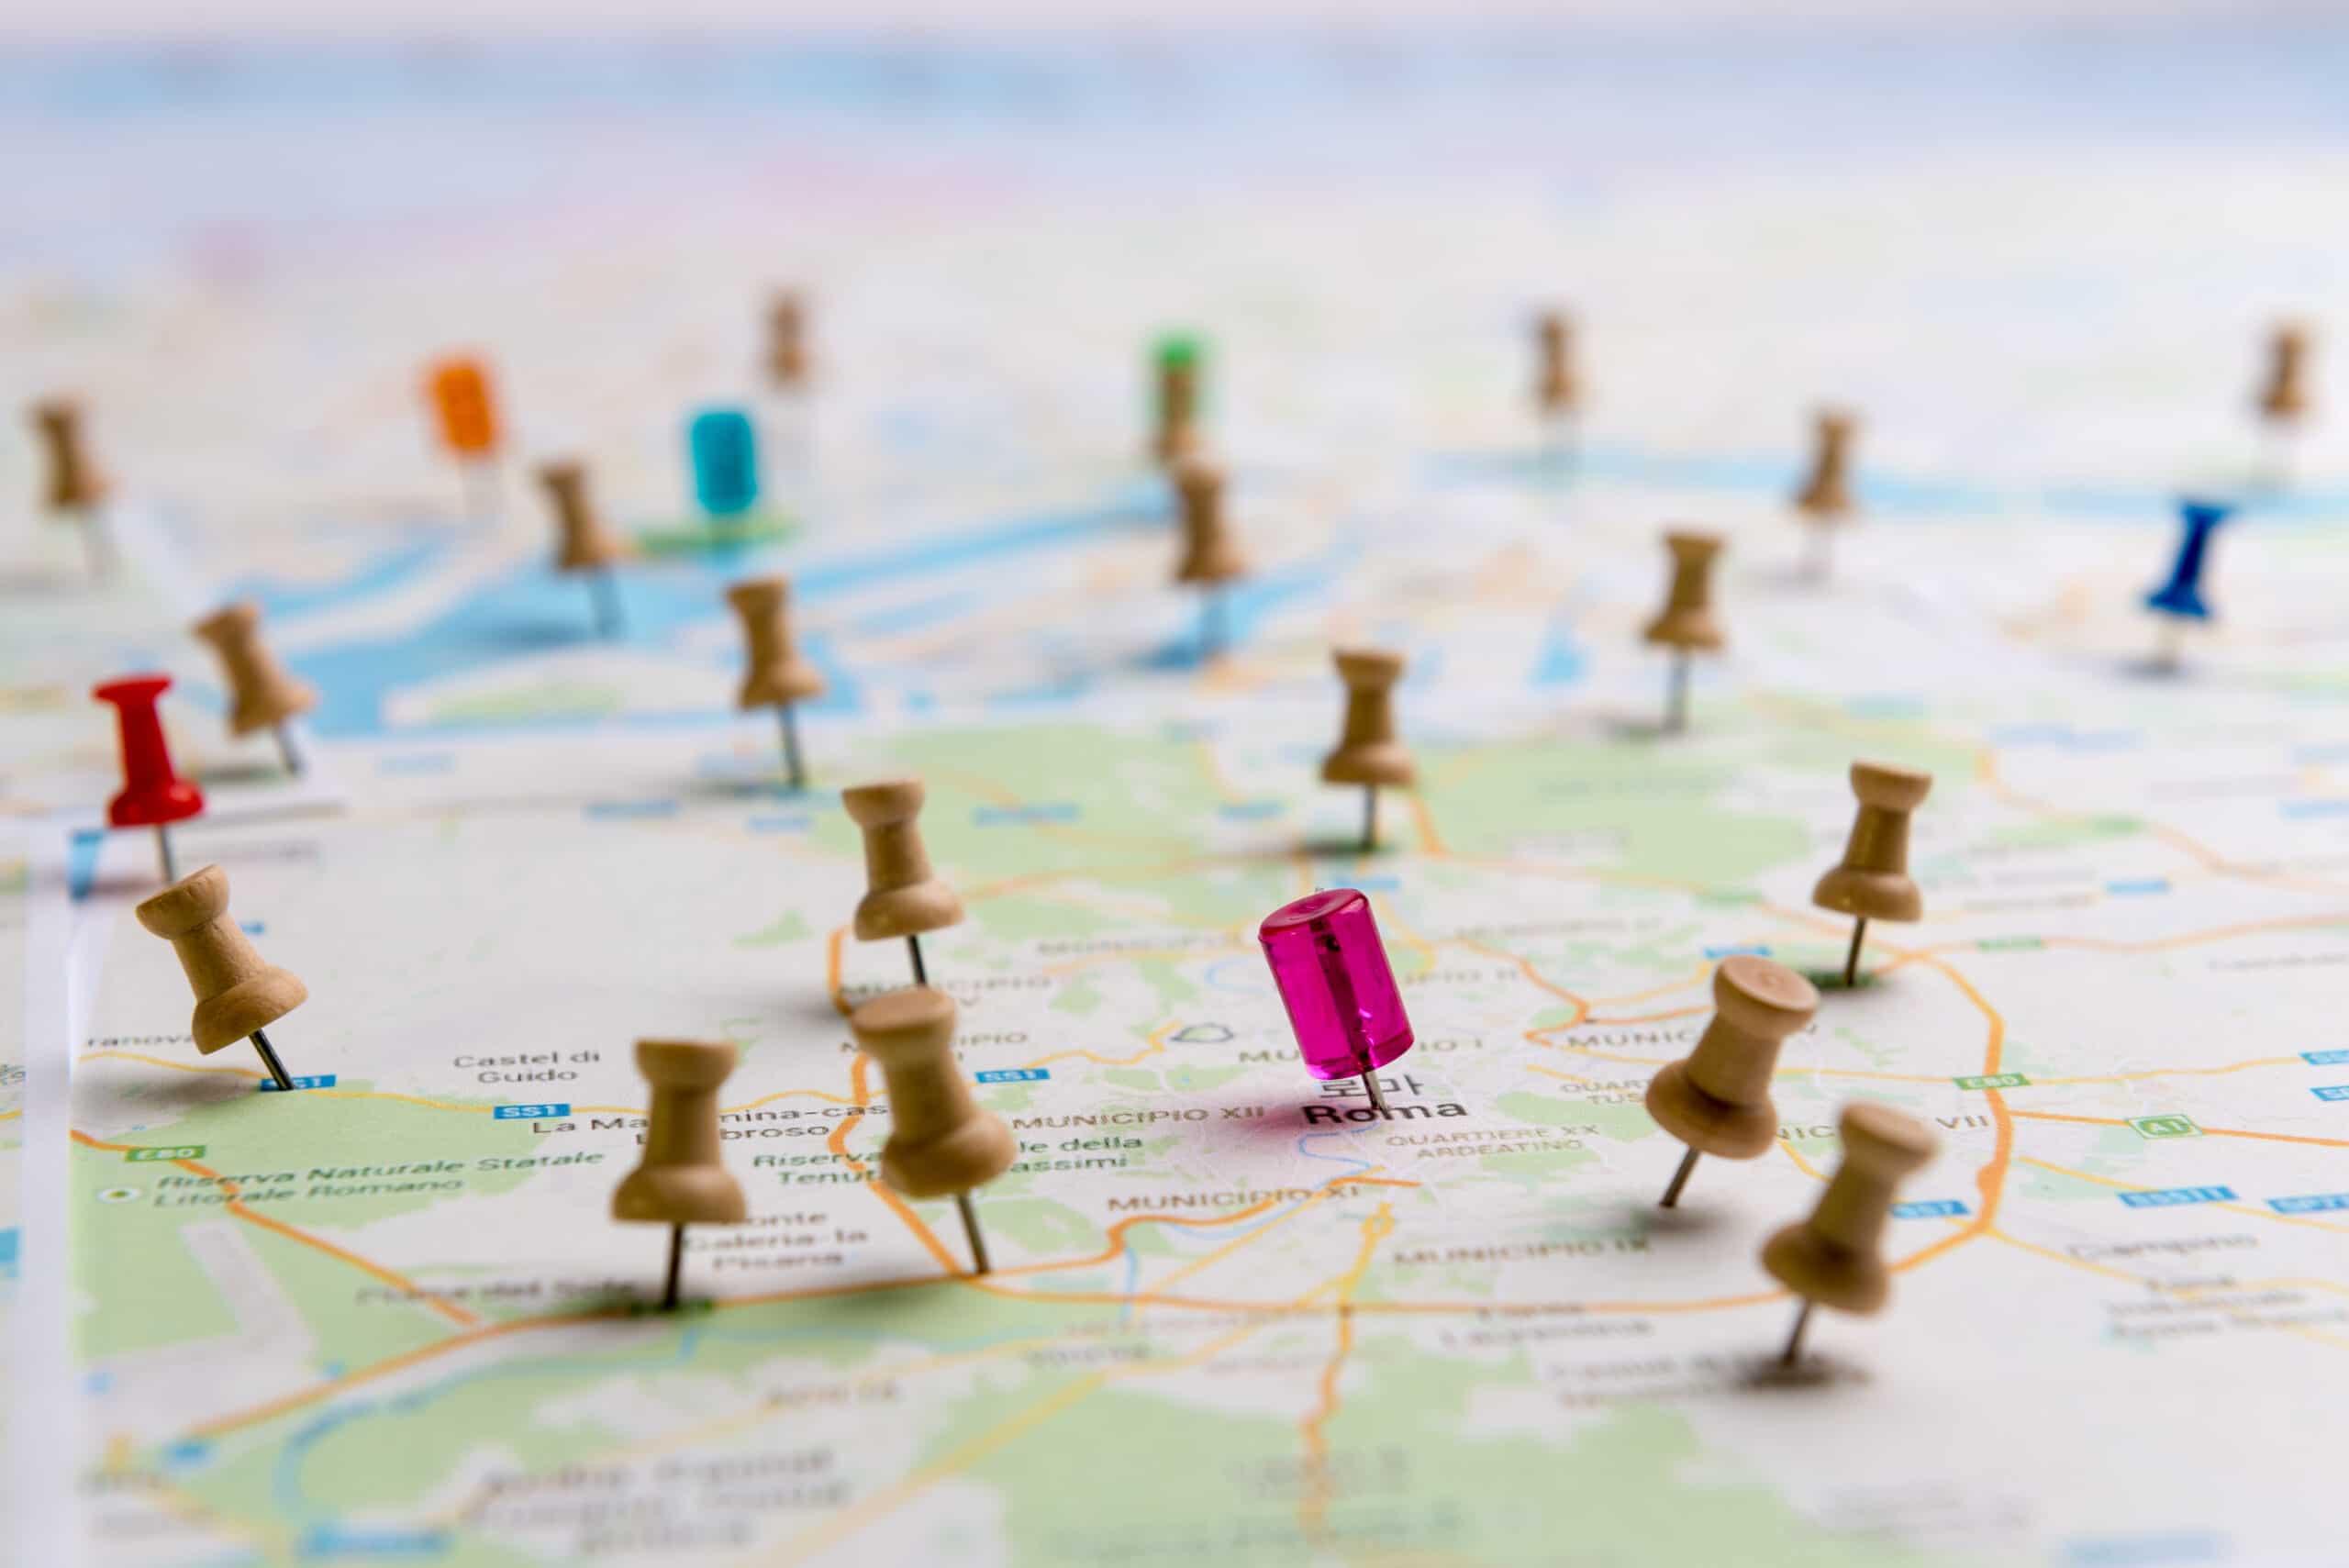 Pinos marcando lugares em um mapa